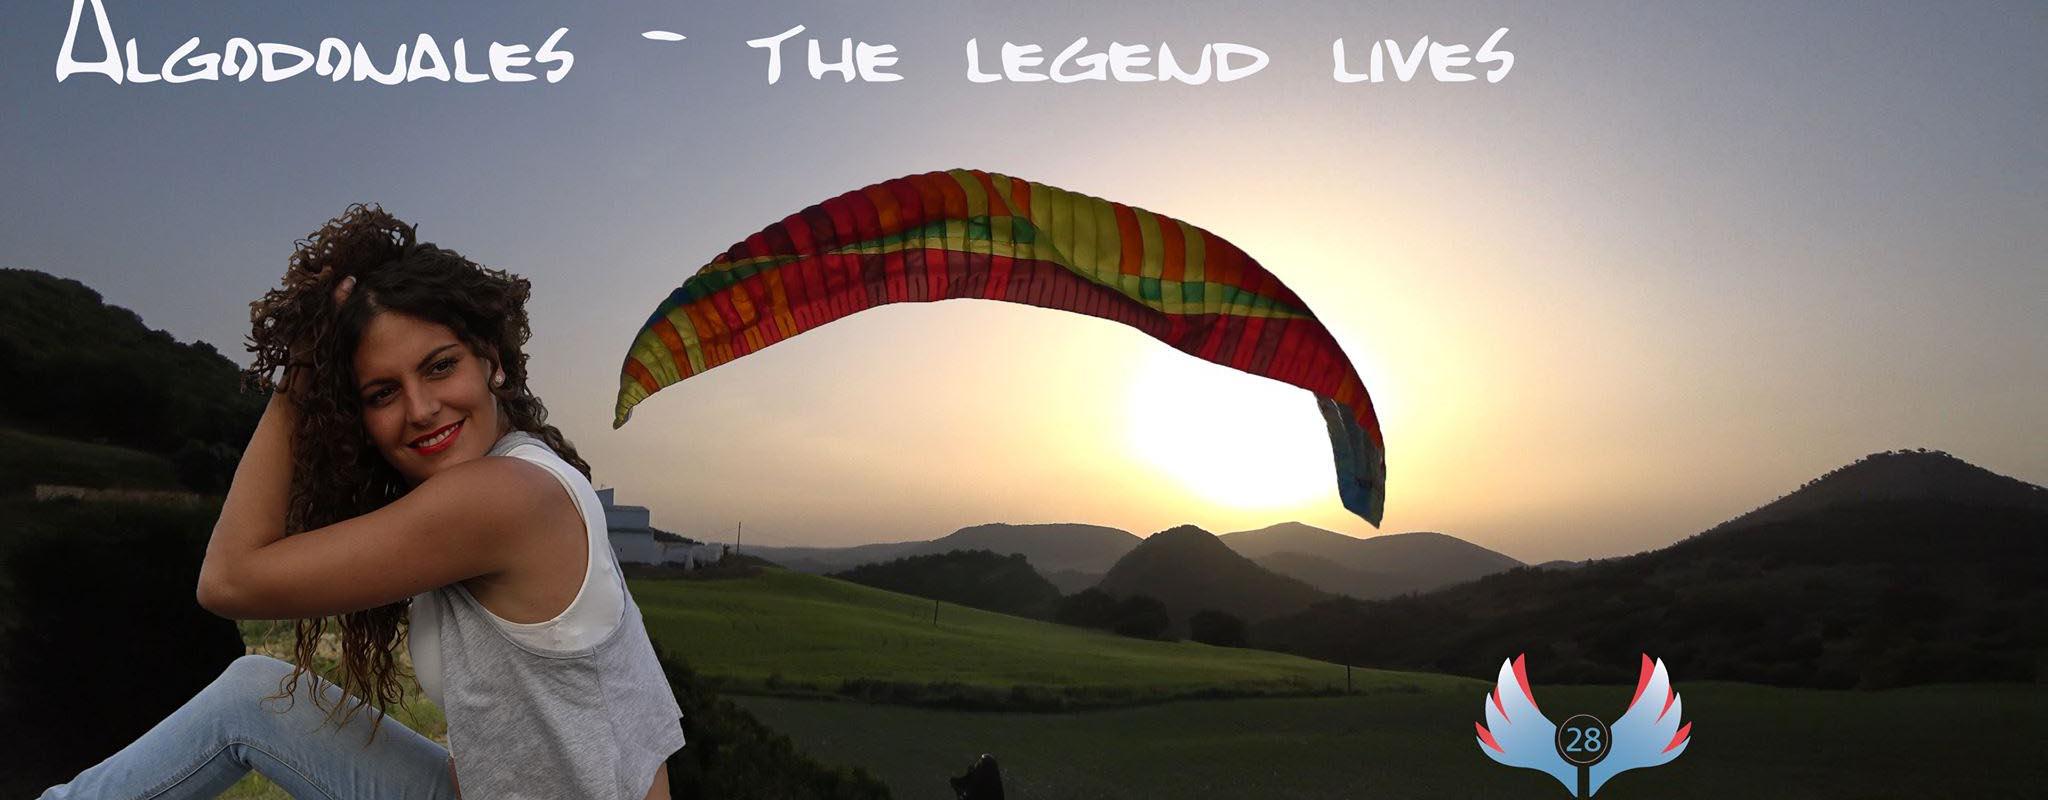 Algodonales Paragliding Gleitschirmfliegen